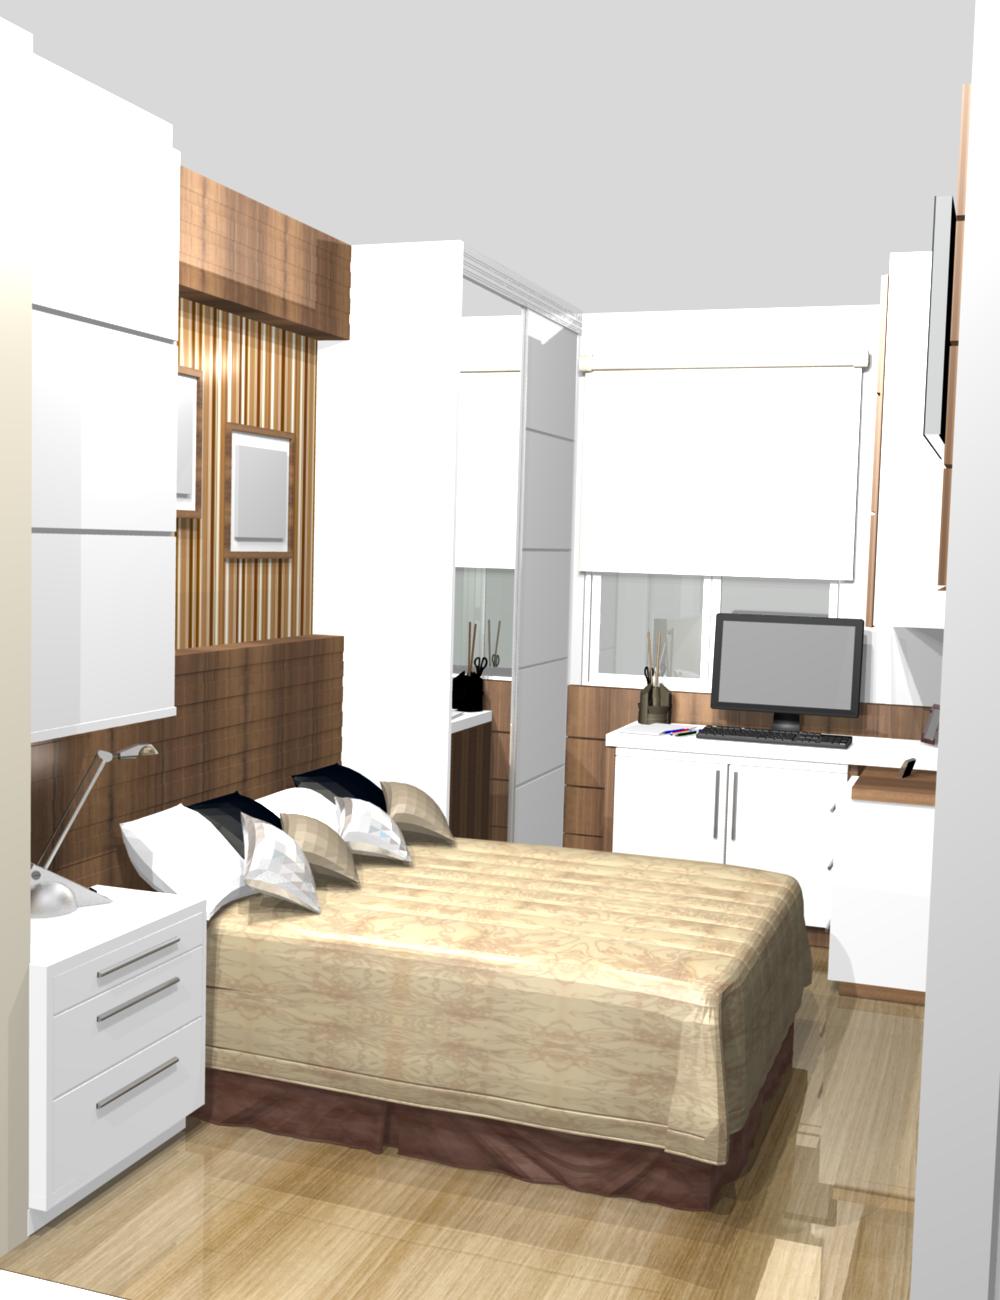 Quarto Planejado Casal Apartamento ~ M?VEIS PLANEJADOS MARCENARIA CASACOR NOIVAS PAINEL LACA ARM?RIOS